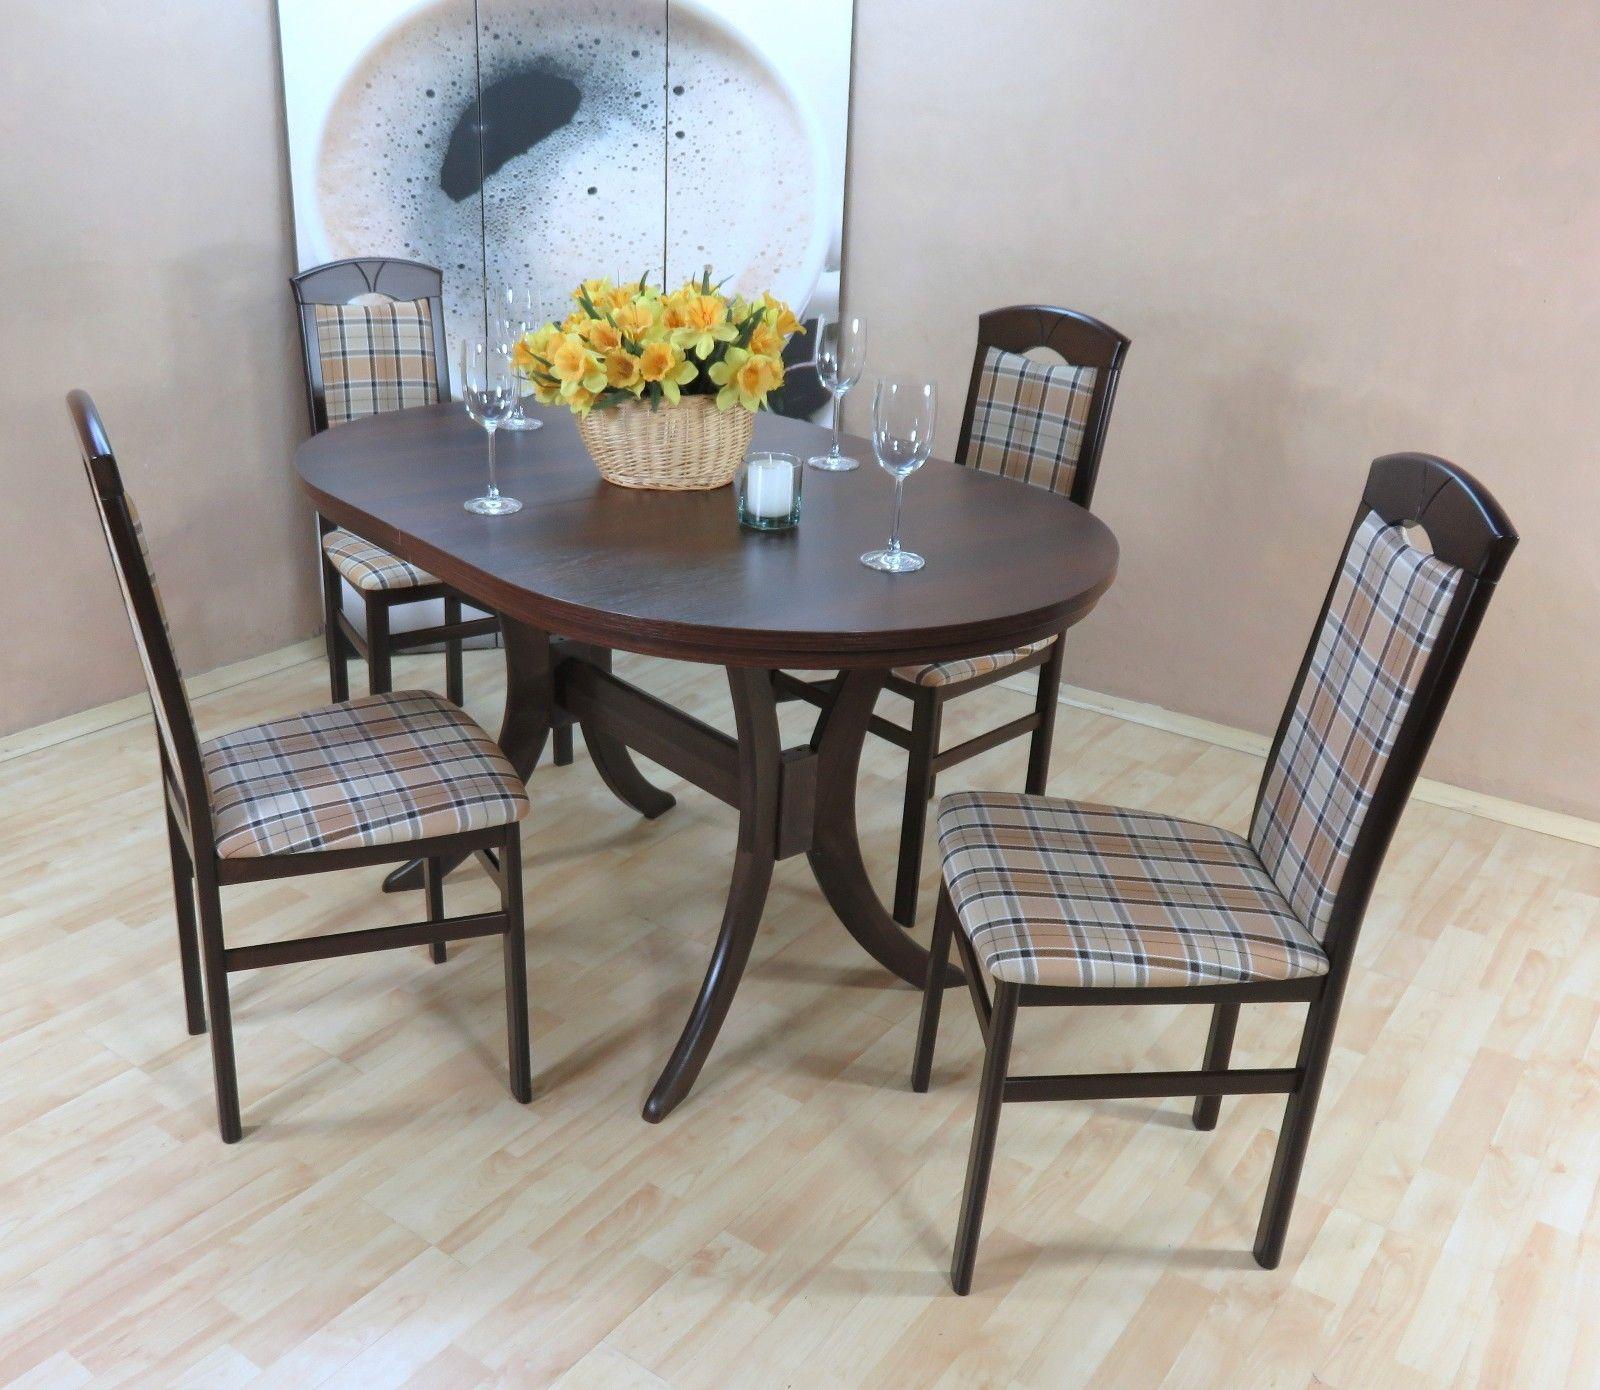 Astounding Moderne Stühle Günstig Galerie Von Tischgruppe 5 Teilig Nuss Braun Massiv Stühle